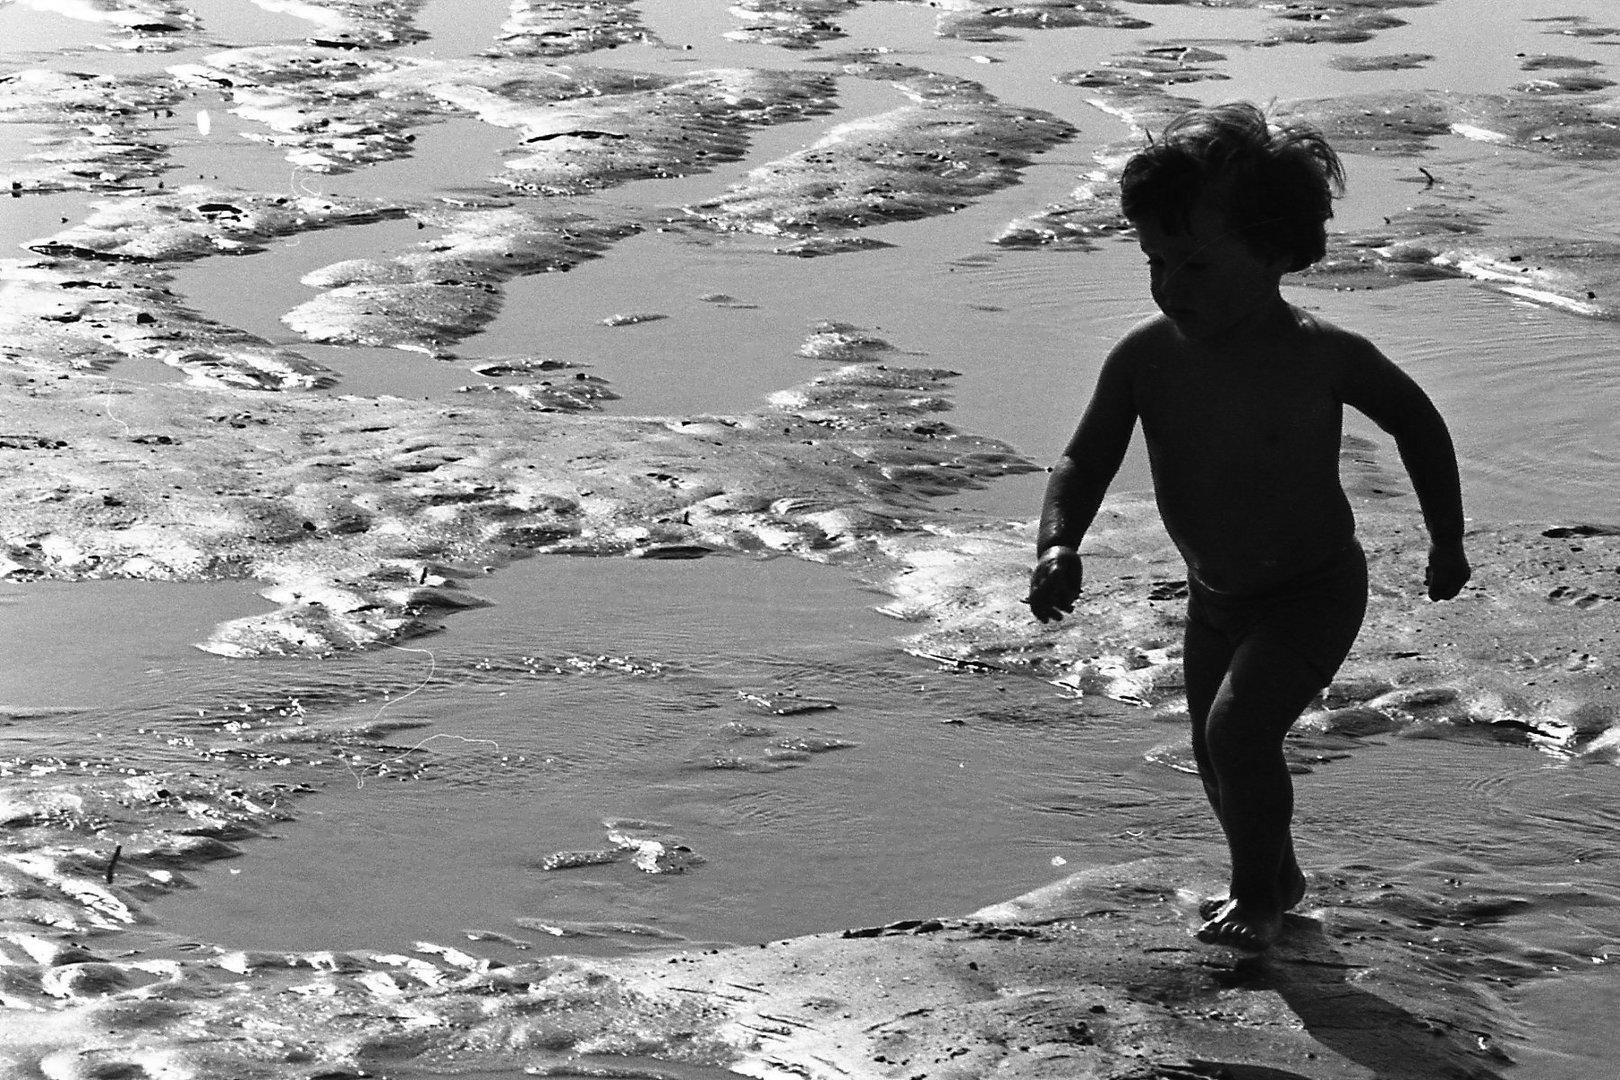 sur la plage de La Panne